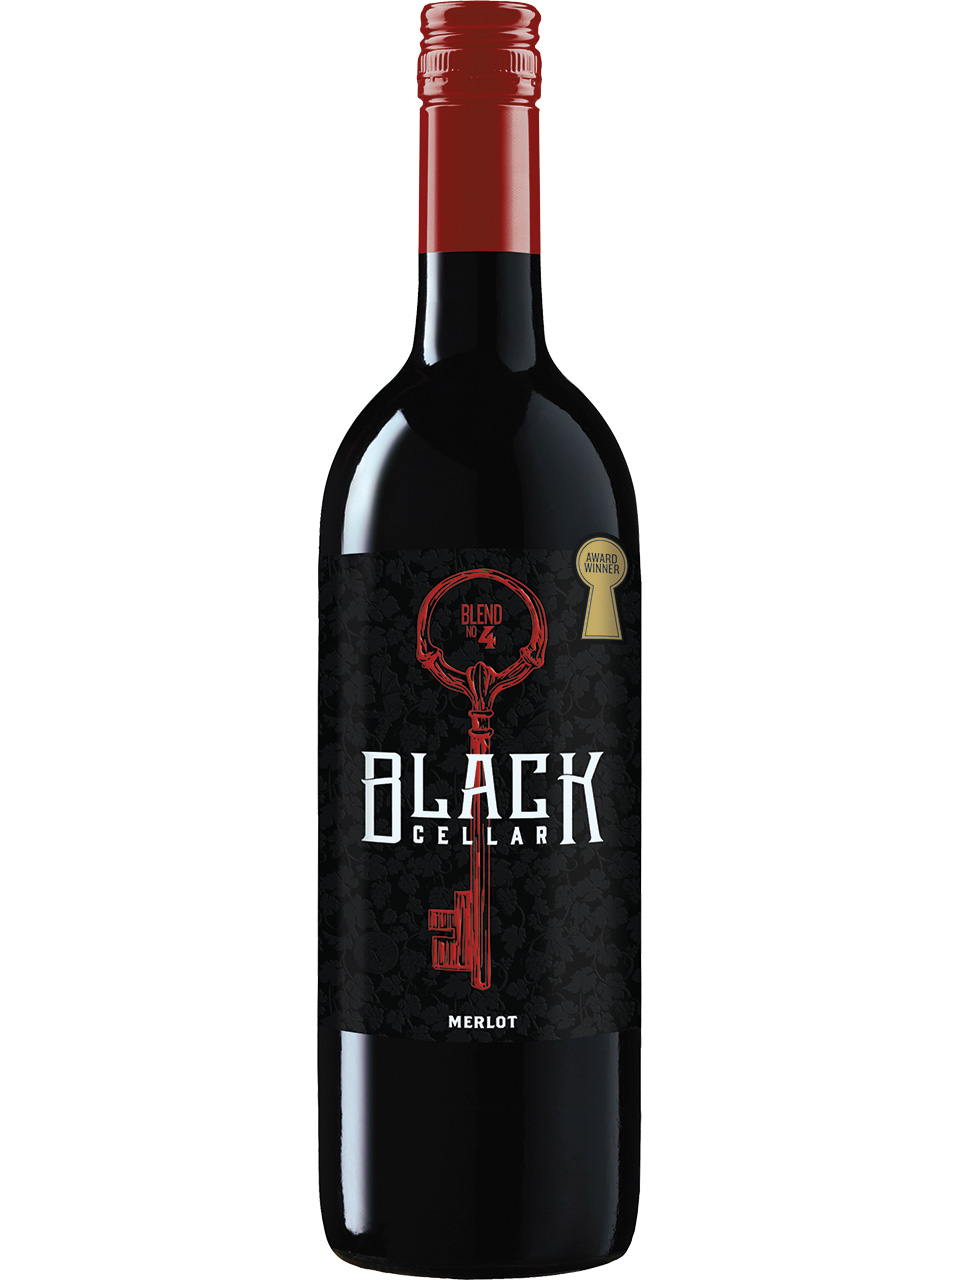 Black Cellar Merlot